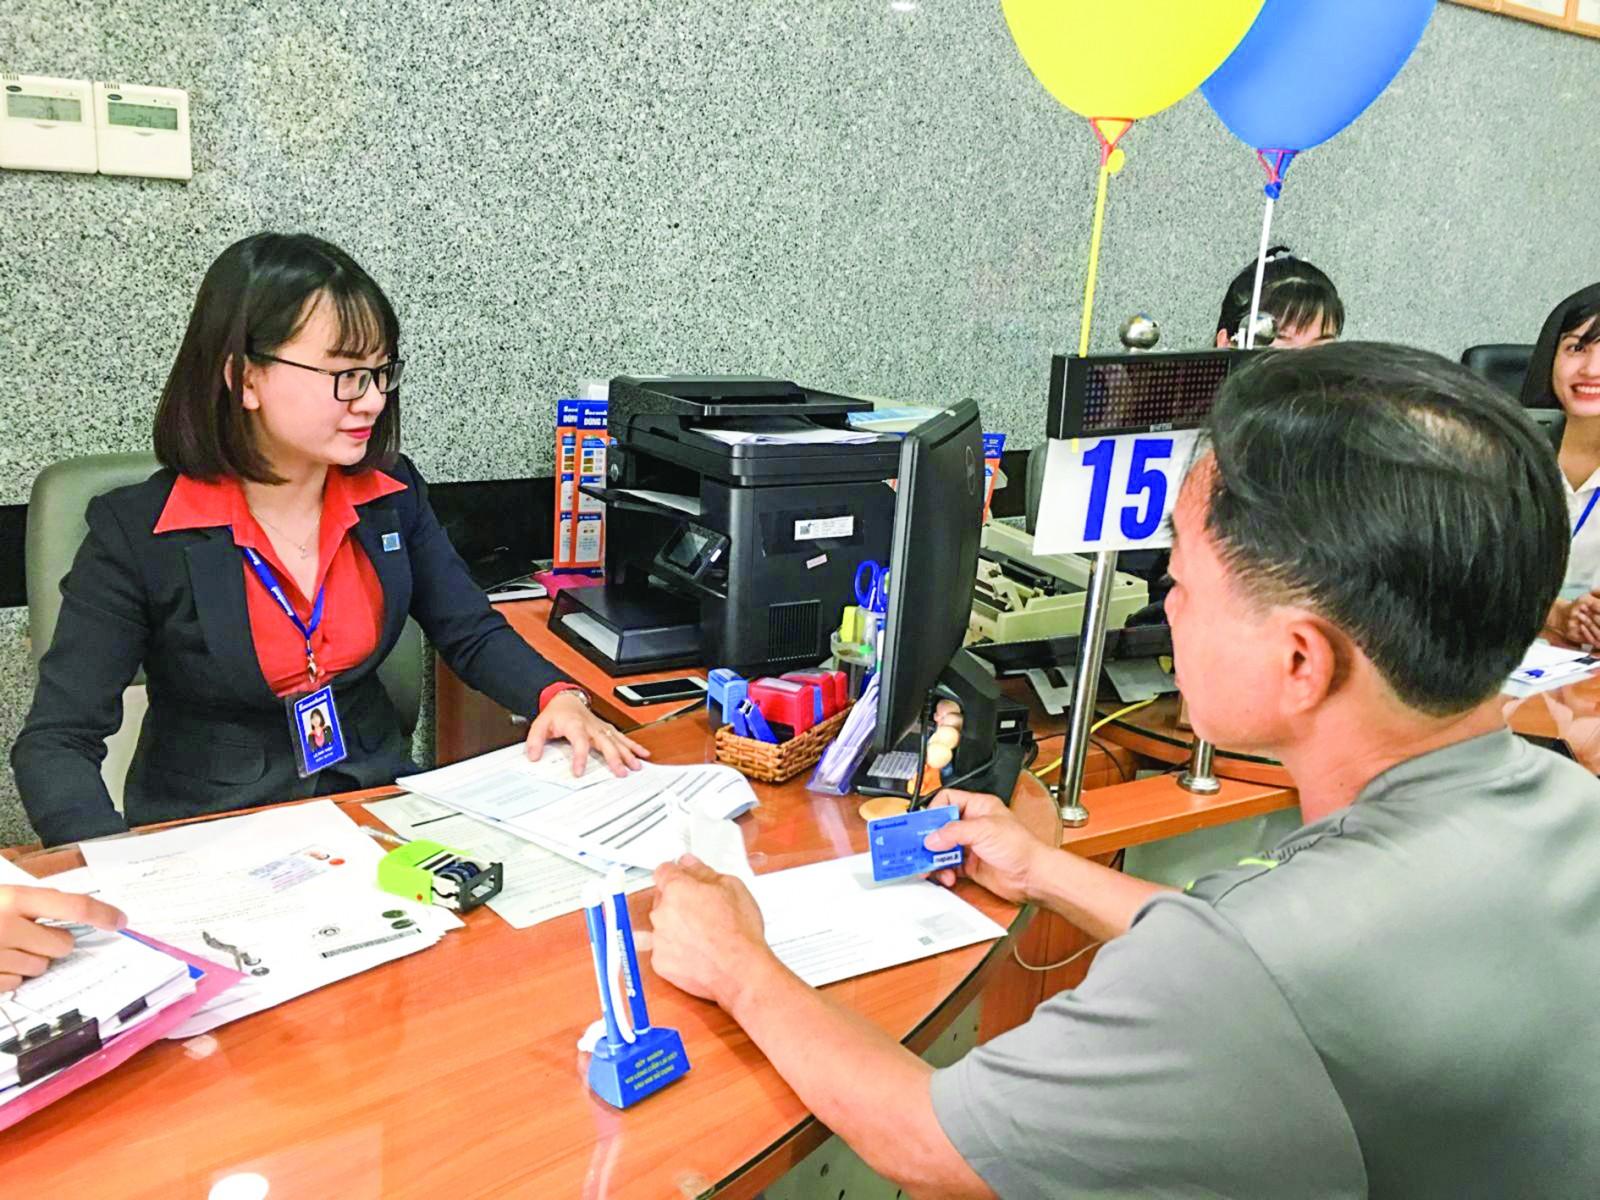 PC Cần Thơ nỗ lực mở rộng ký hợp đồng với đối tác là ngân hàng và các tổ chức trung gian thanh toán nhằm tạo điều kiện thuận lợi cho khách hàng. Trong ảnh: Khách hàng đăng ký dịch vụ trả tiền điện tại Ngân hàng Sacombank Chi nhánh Cần Thơ.